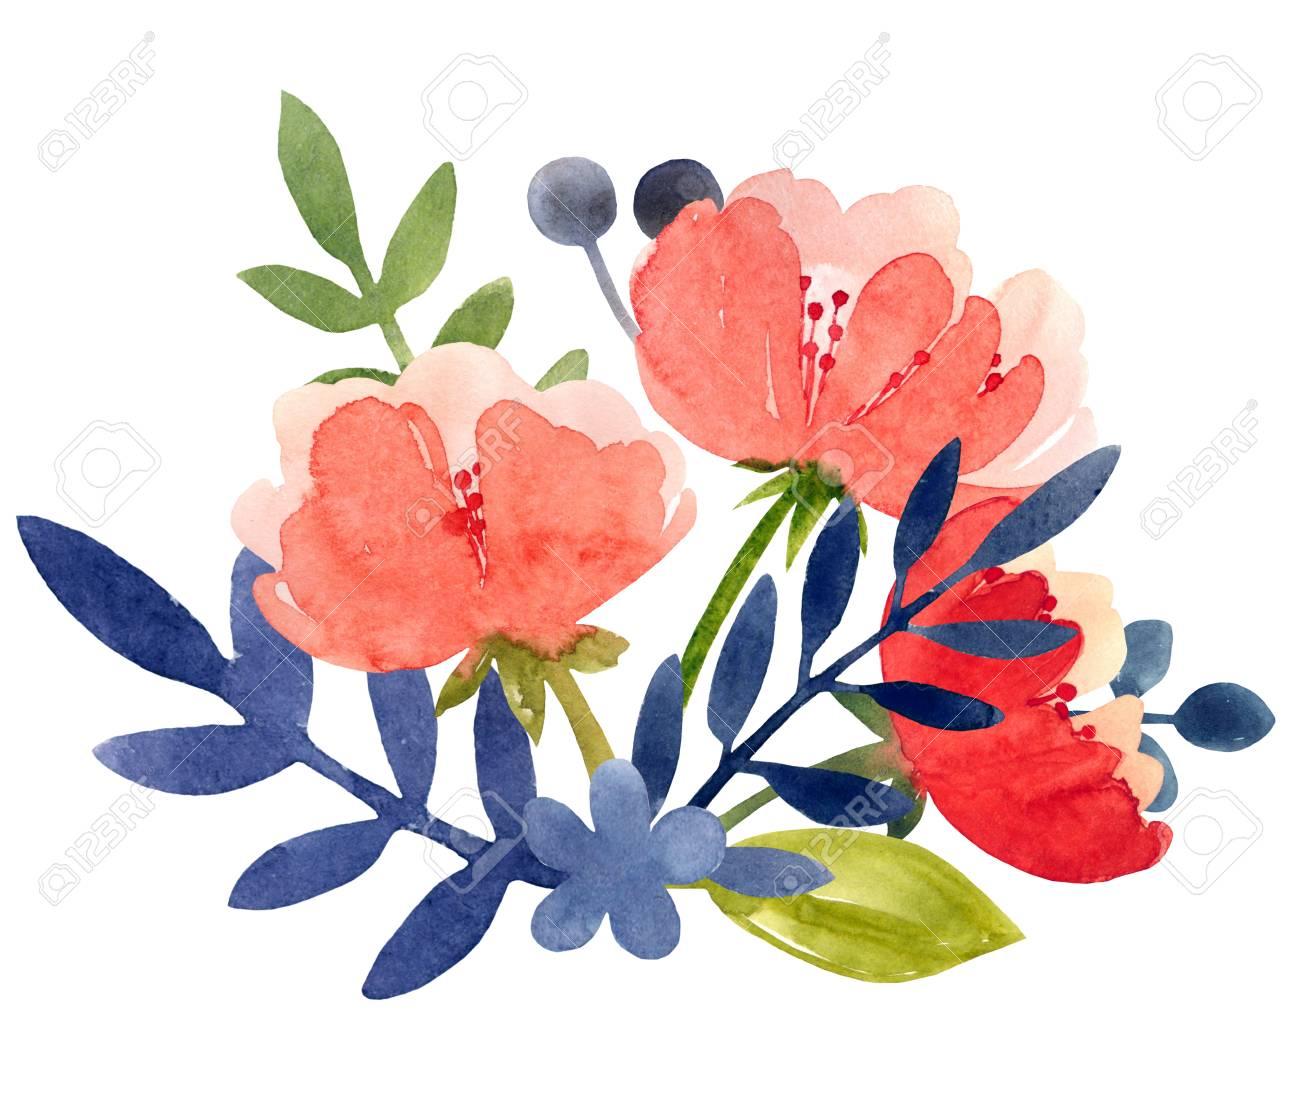 牡丹の葉と水彩イラストは白い背景の上の美しい花植物のイラスト